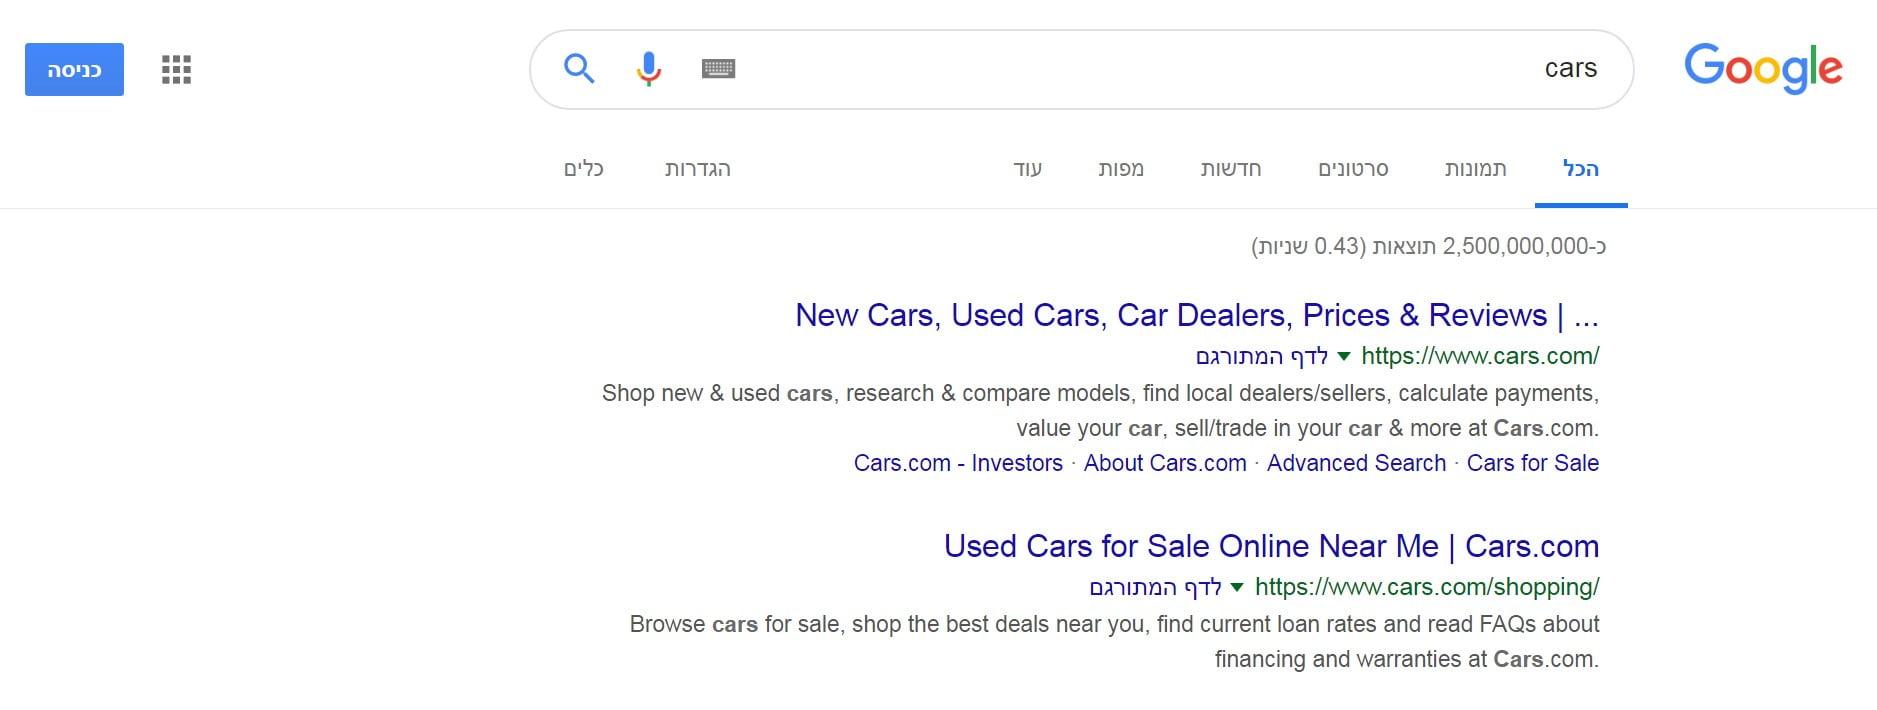 """טיפ מספר 8 - קידום אורגני בגוגל: כוח הדומיין - חיפוש בגוגל """"cars"""""""